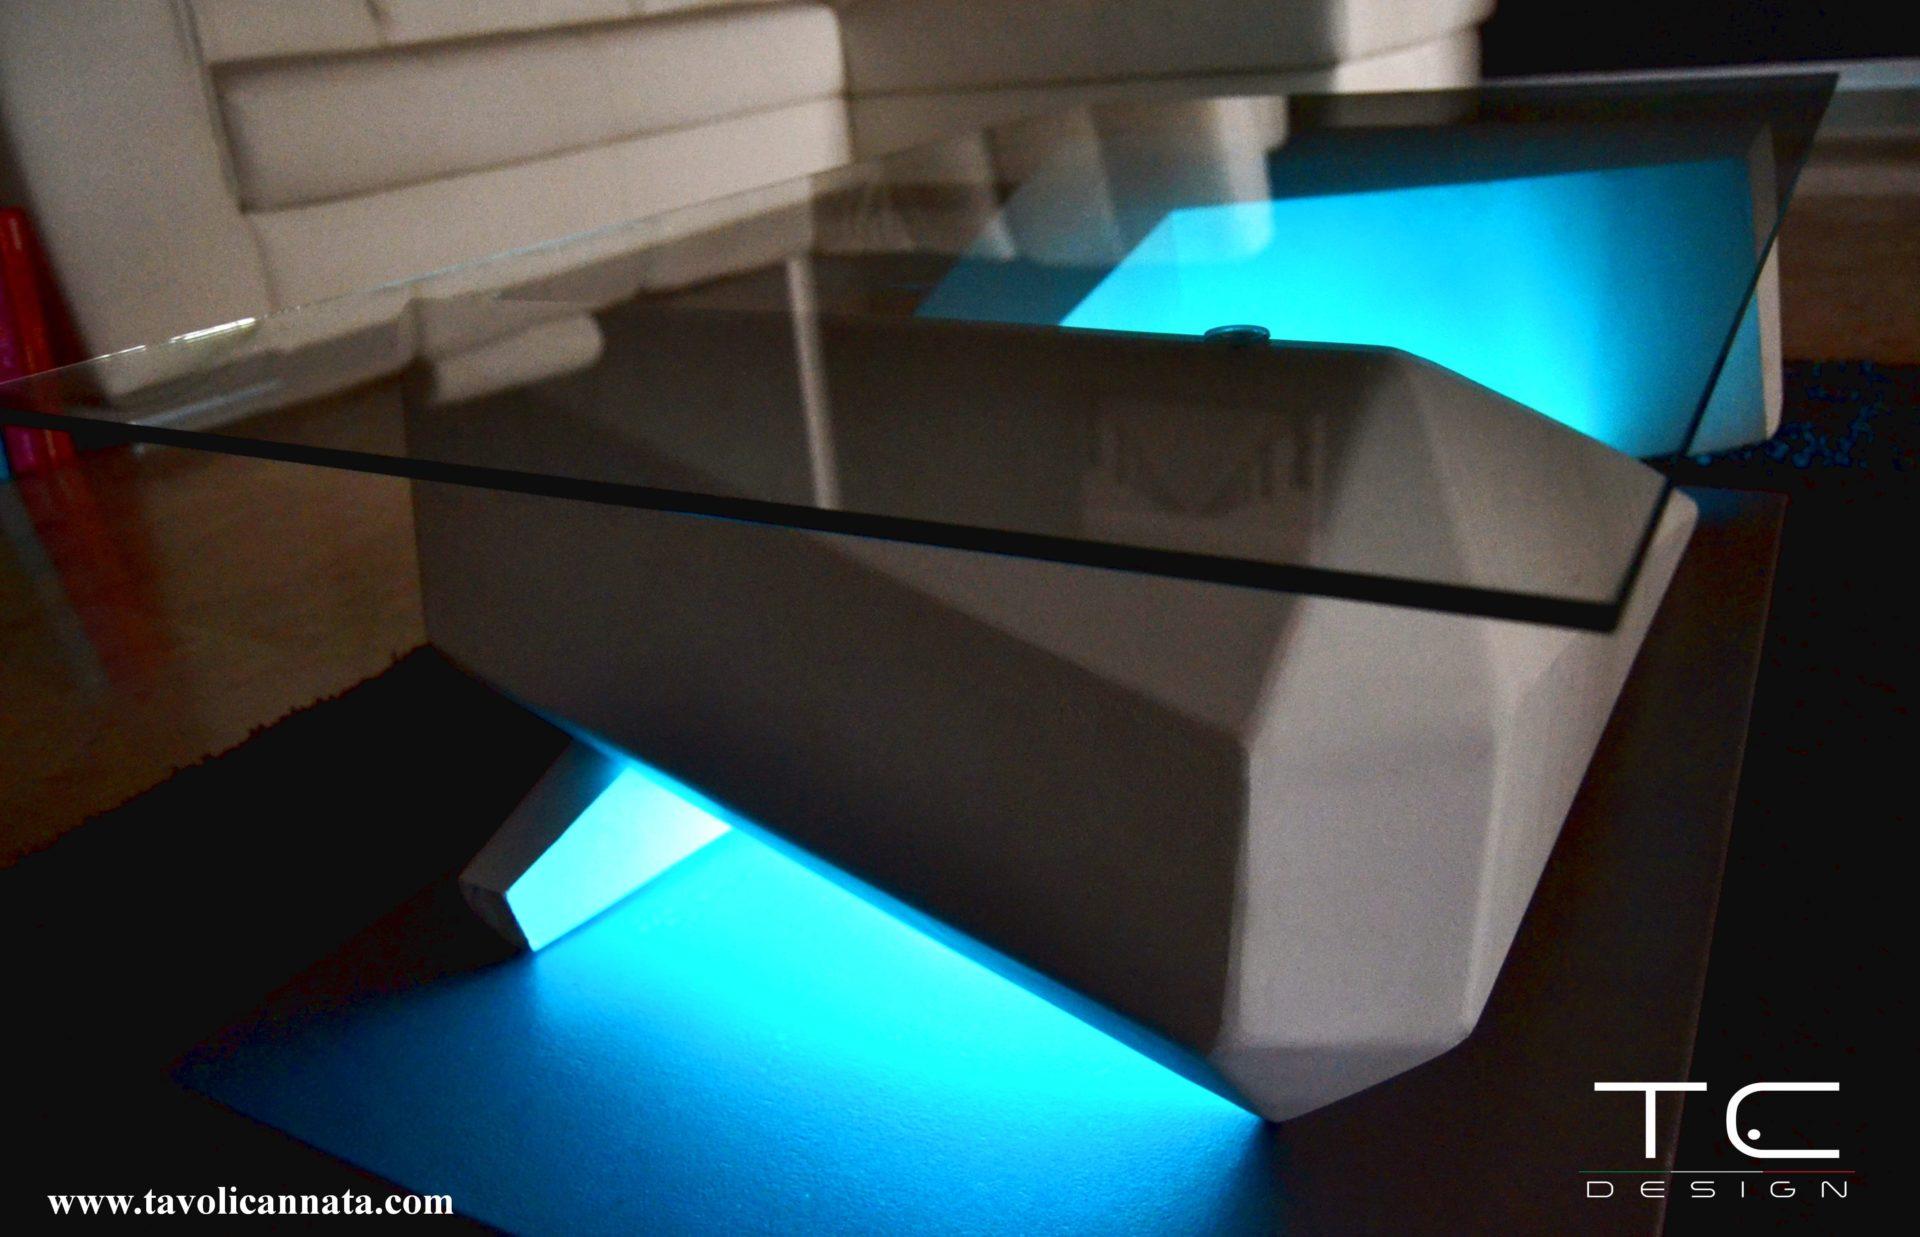 Tavolini in vetro per soggiorno moderni - Tavolini Cannata